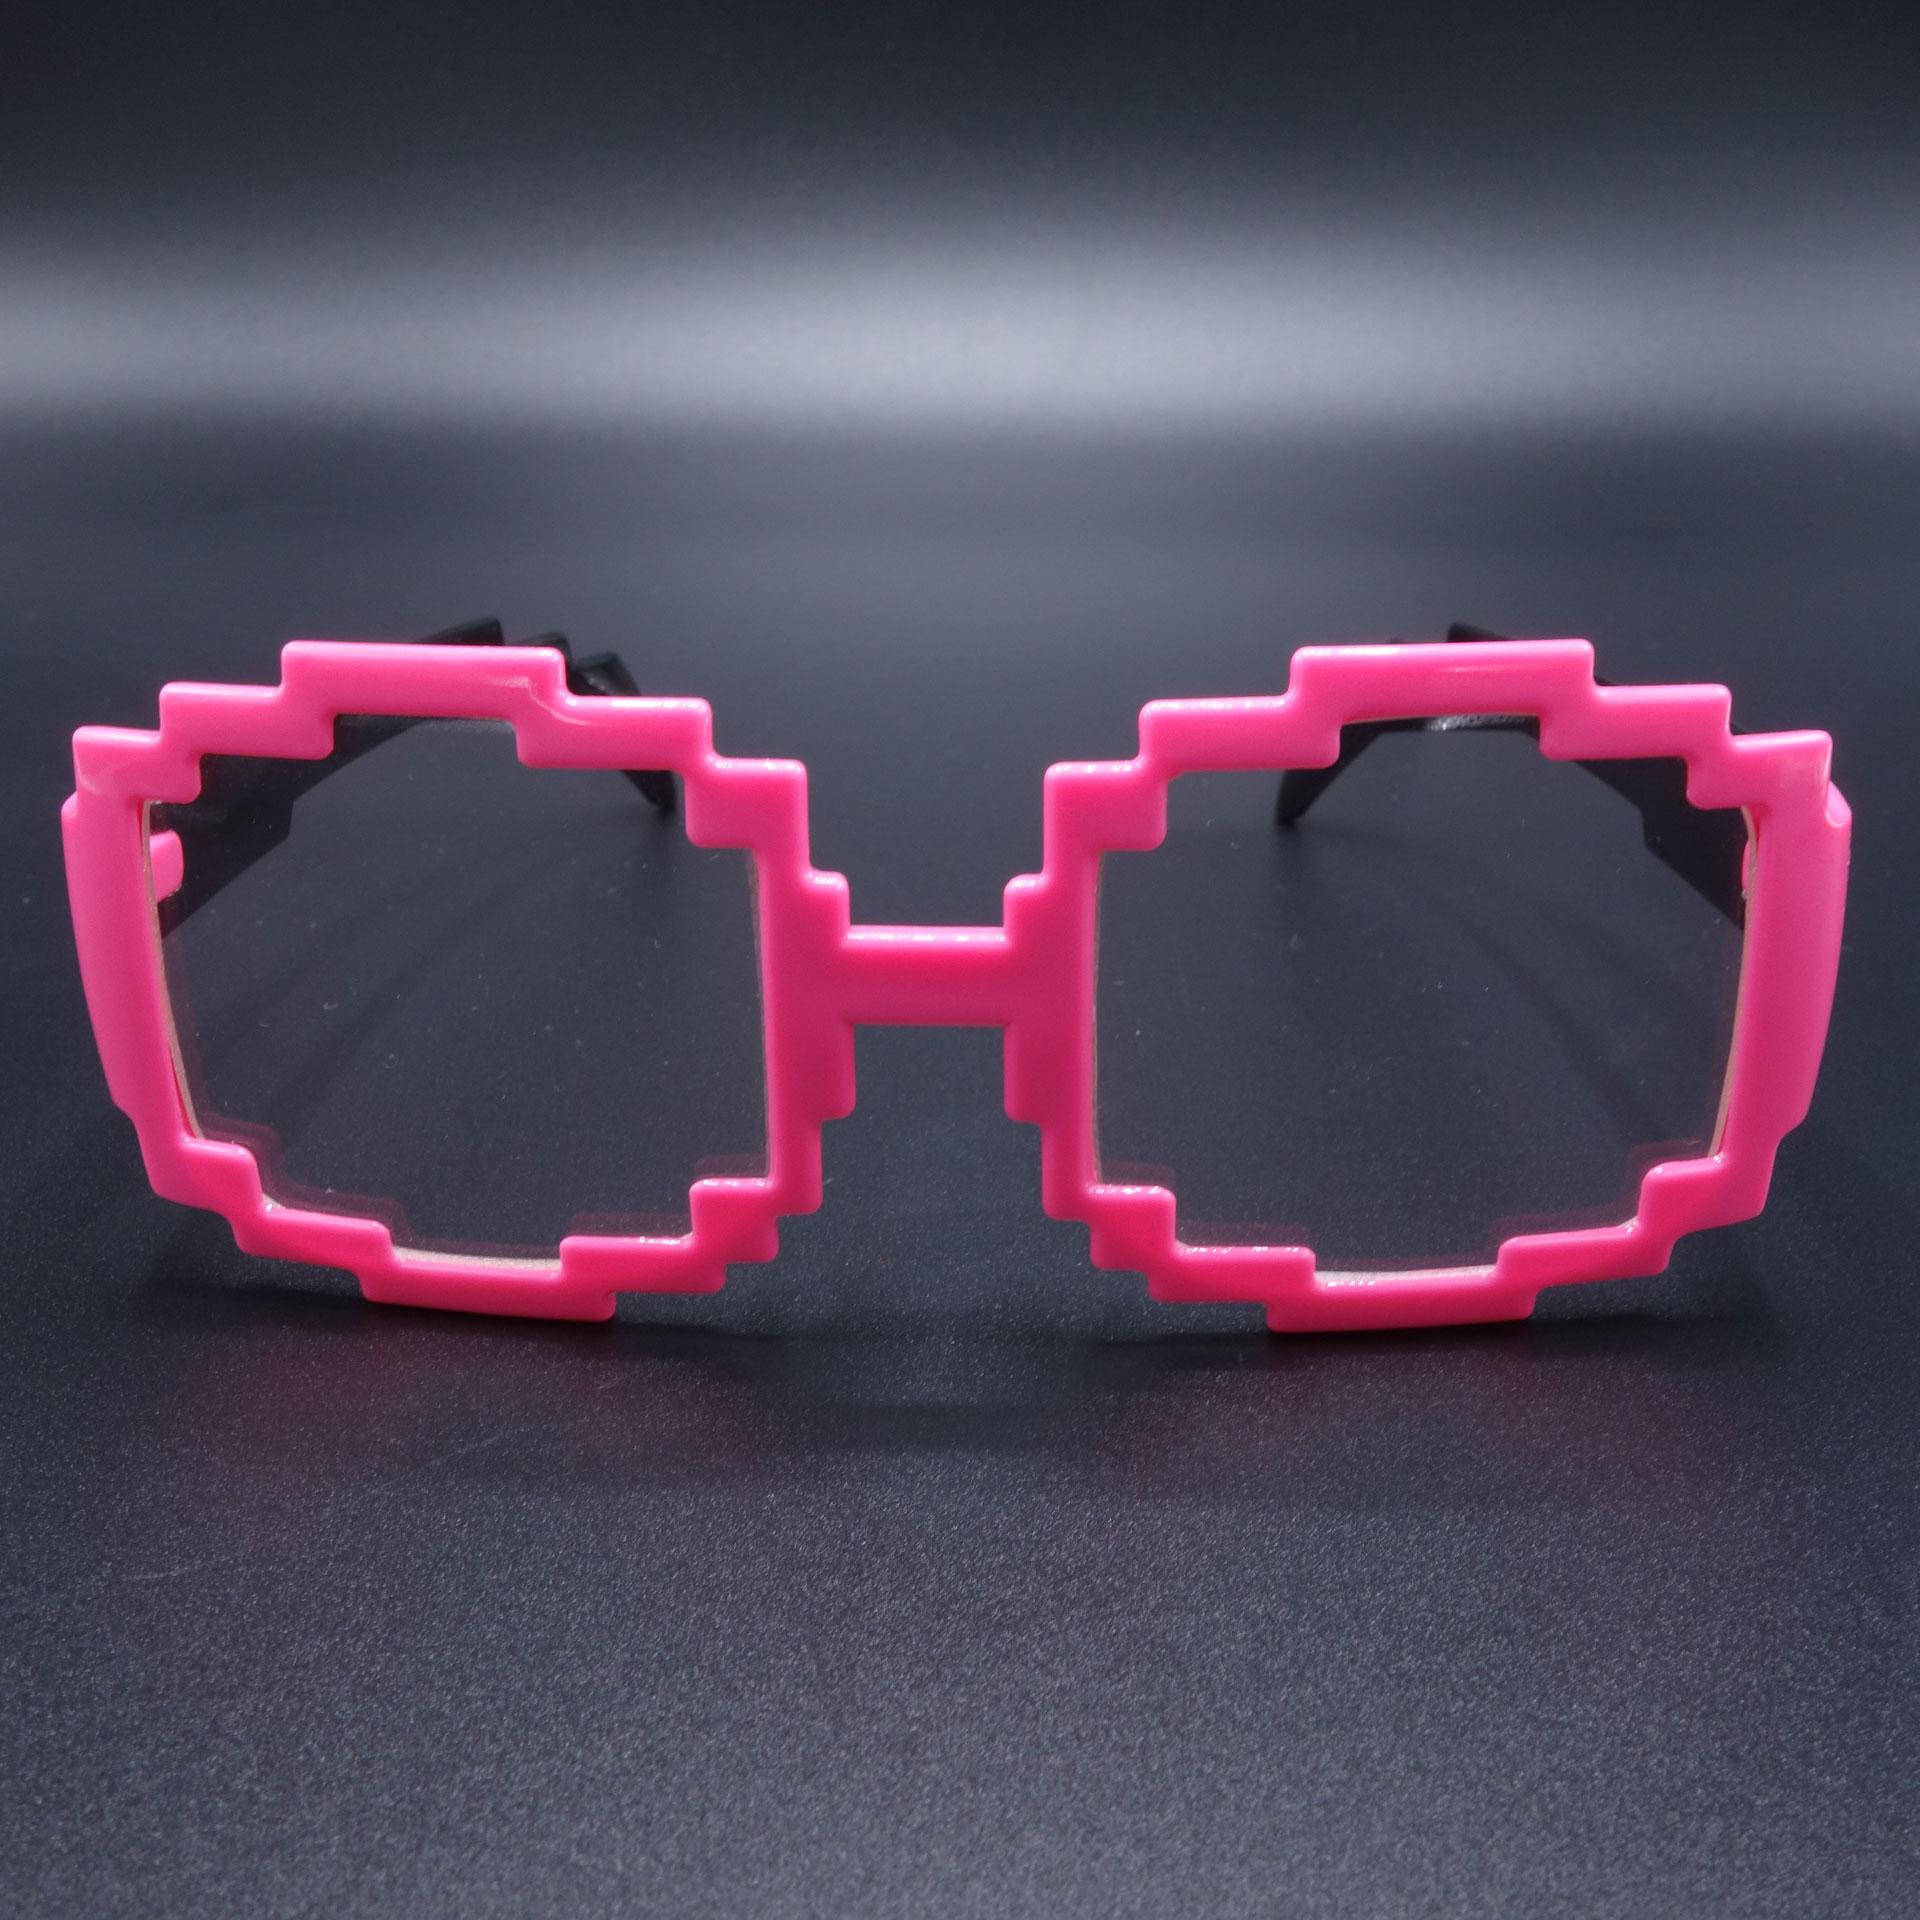 Partybrille Spassbrille Scherzartikel Brille Kantig Pink